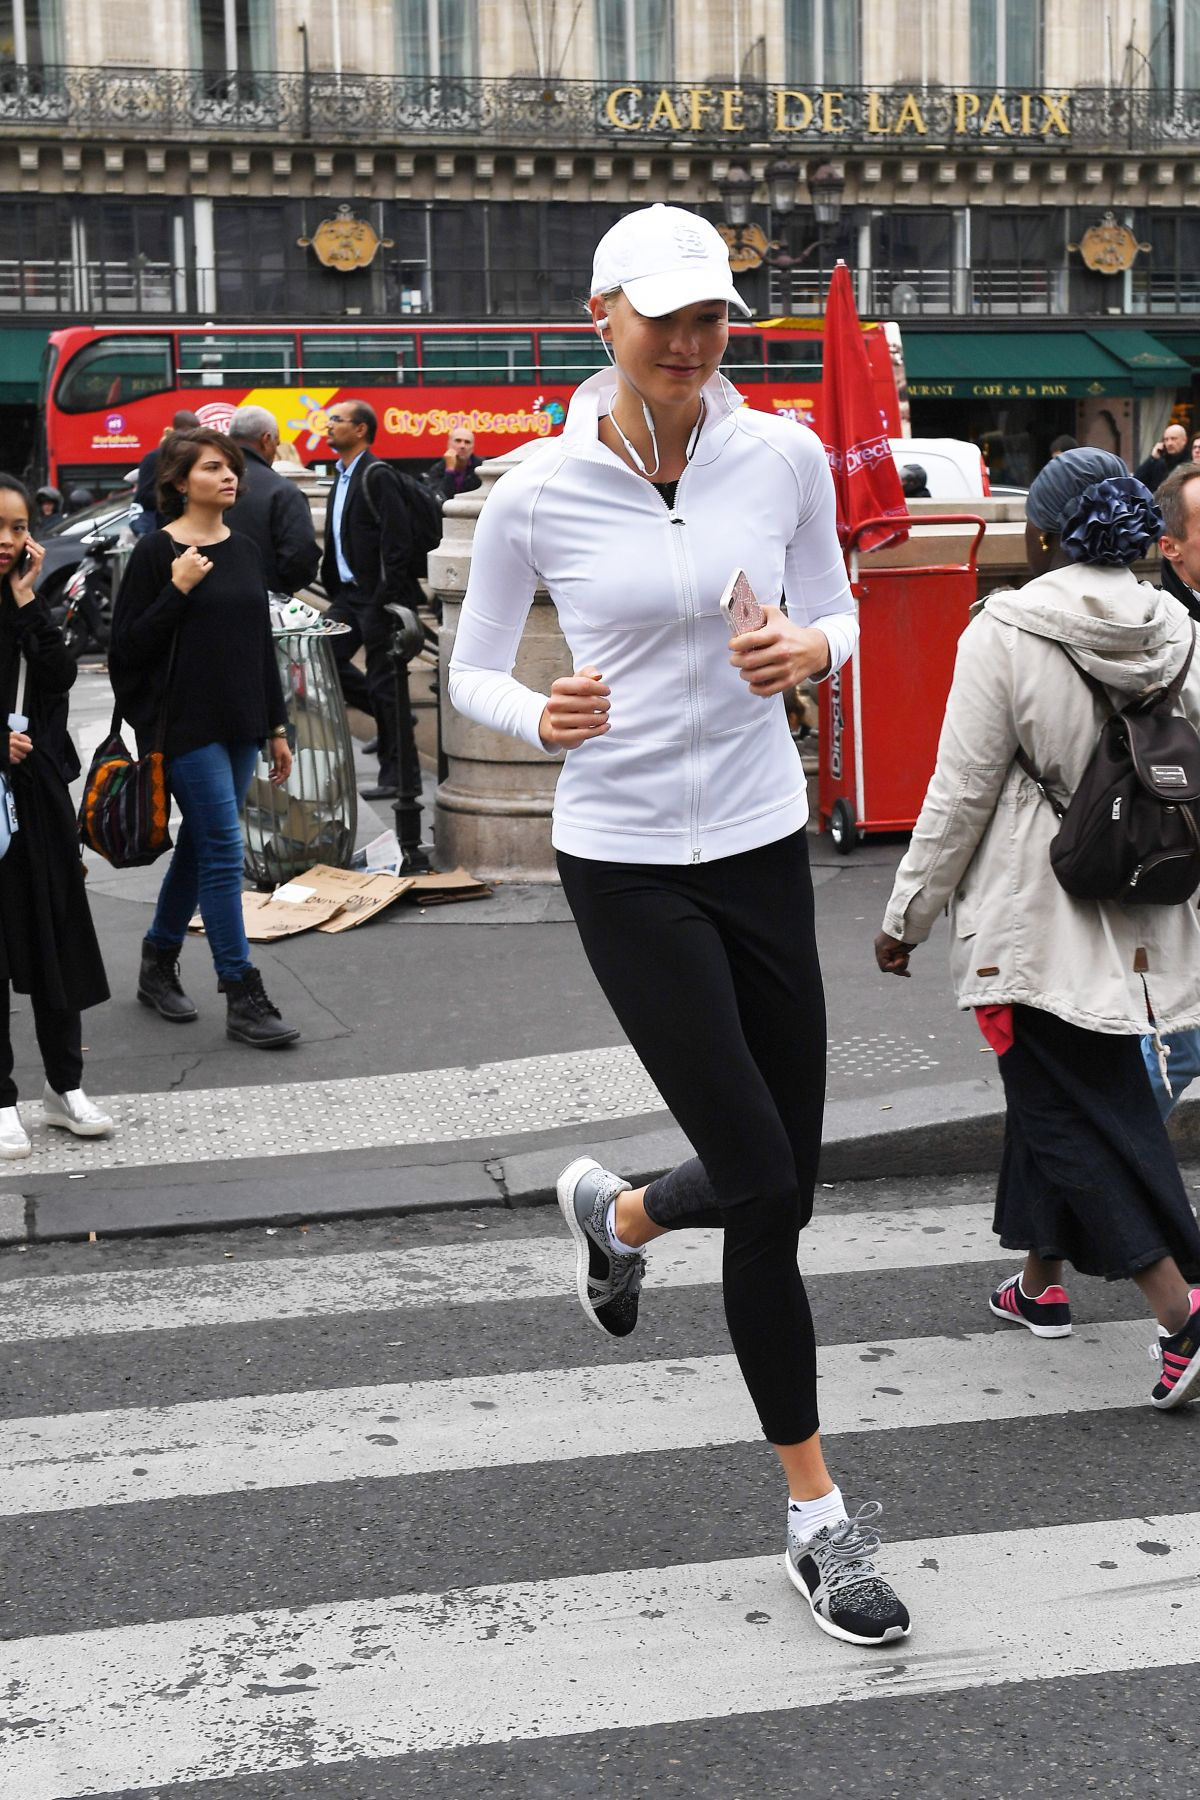 Không ít lần các phóng viên bắt gặp hình ảnh siêu mẫu sải bước, chạy một mình trên đường phố.